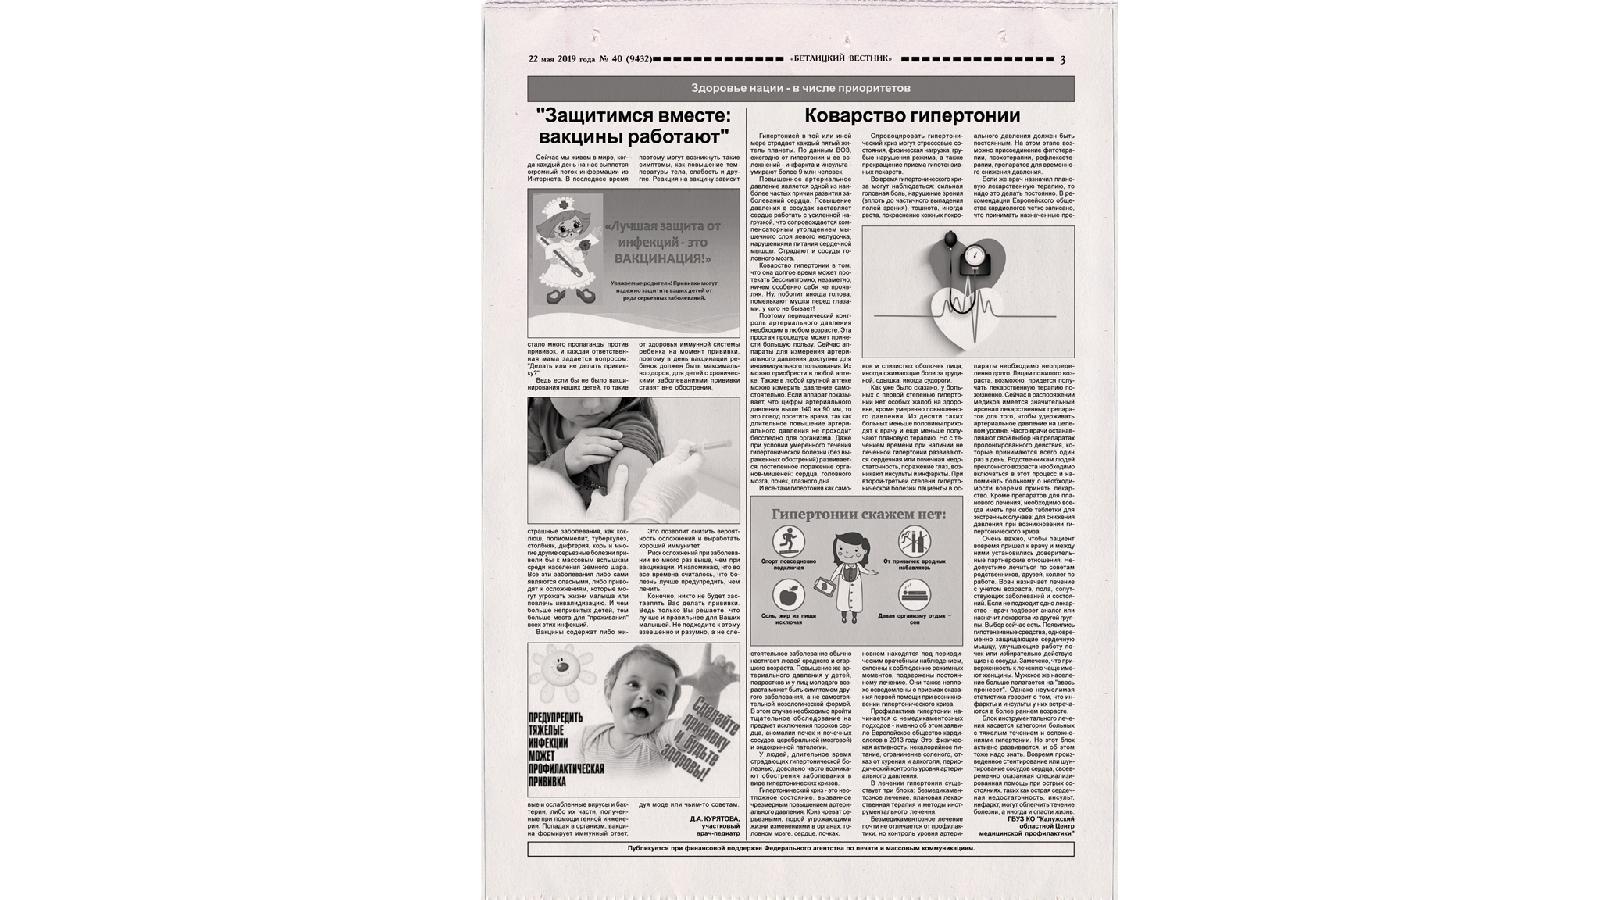 Газета взялась зареализацию проекта «Здоровье нации — вчисле приоритетов», чтобы пропагандировать здоровый образ жизни напримерах земляков. Кроме того, район подвергся заражению врезультате аварии наЧернобыльской АЭС, исоответствующие вопросы дляместных жителей являются крайне острыми